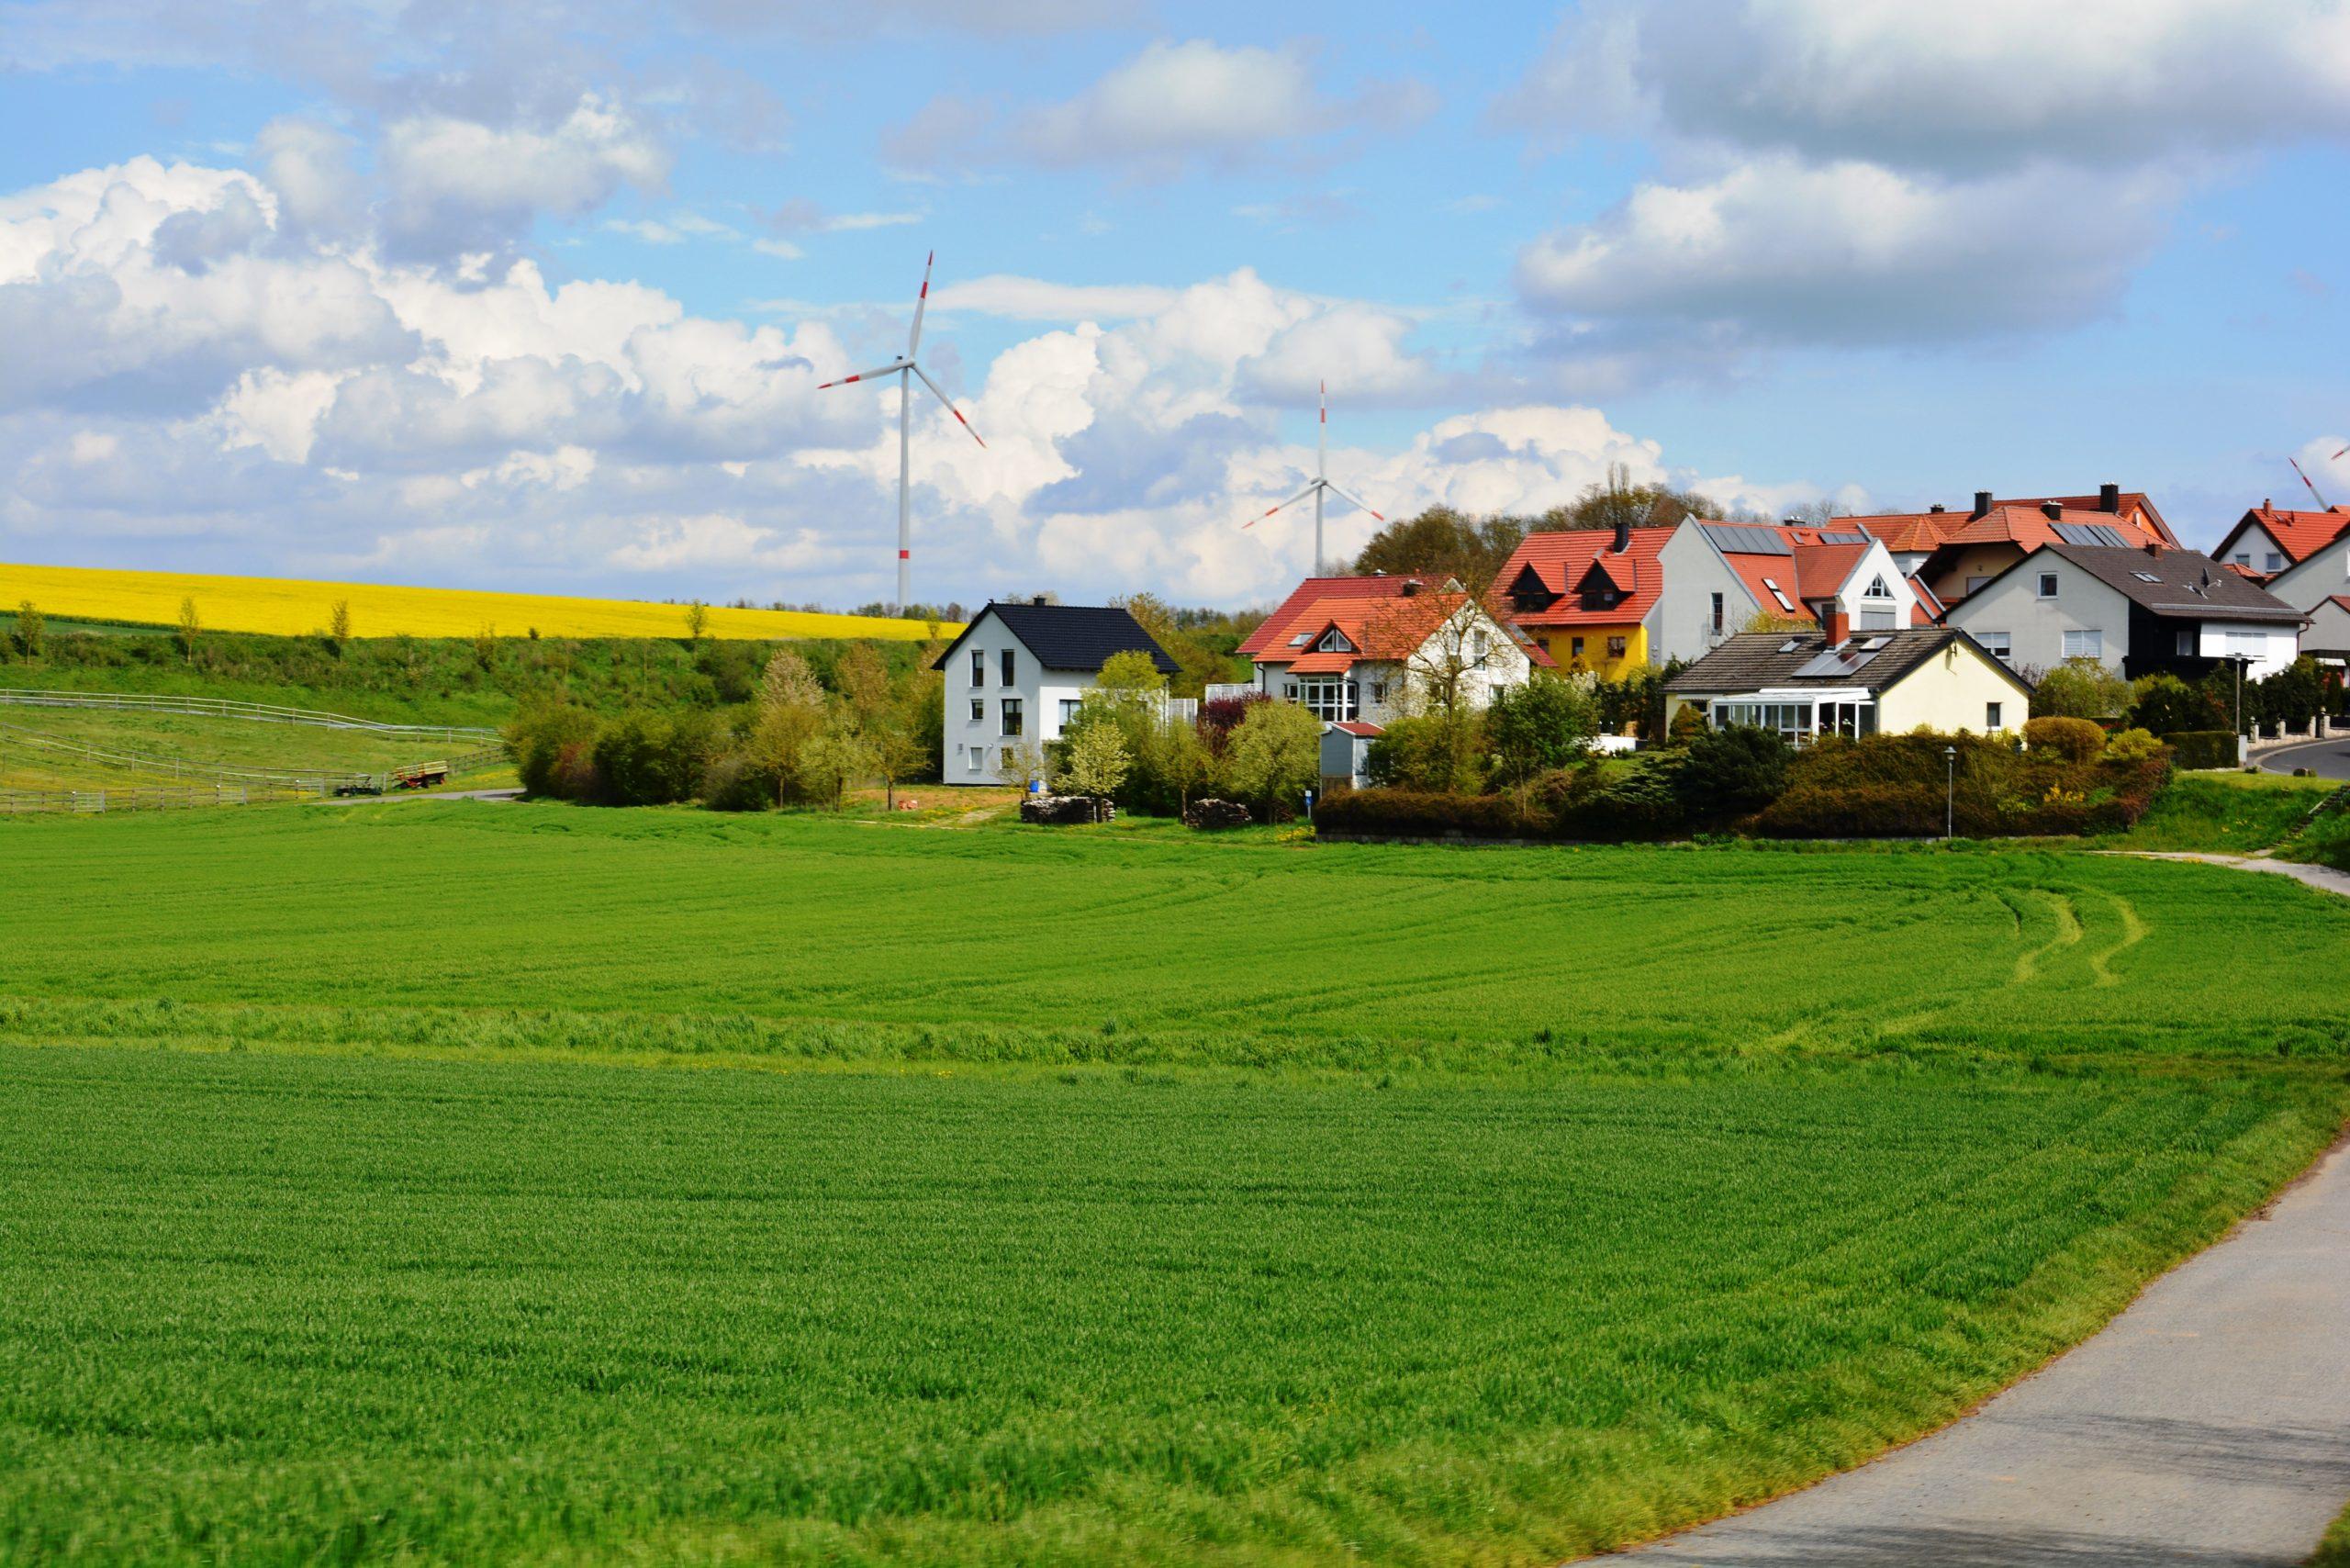 Einigung bei Solardeckel und Mindestabstand für Windräder